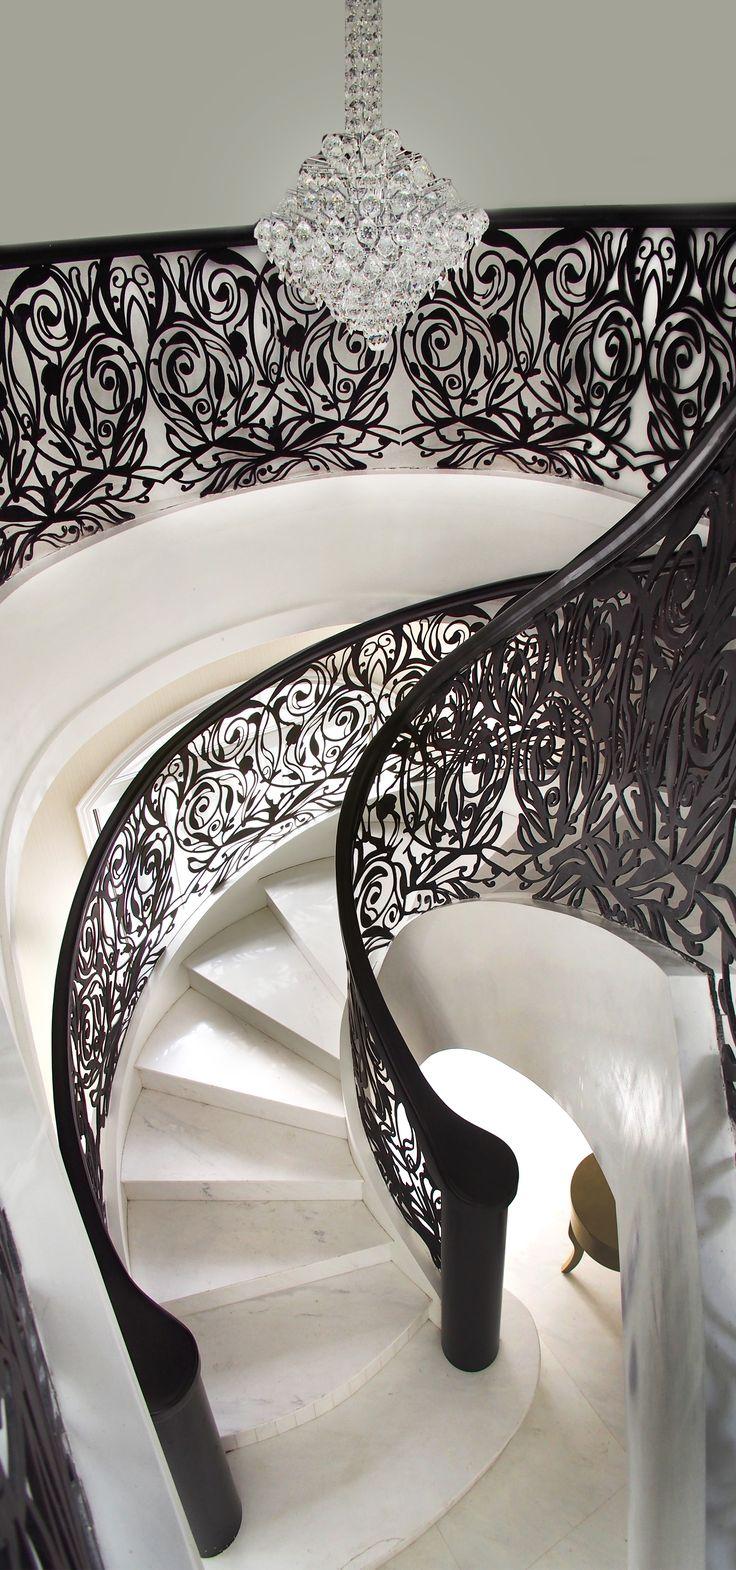 Baranda: Elemento de protección para balcones, escaleras, puentes u otros elementos similares.